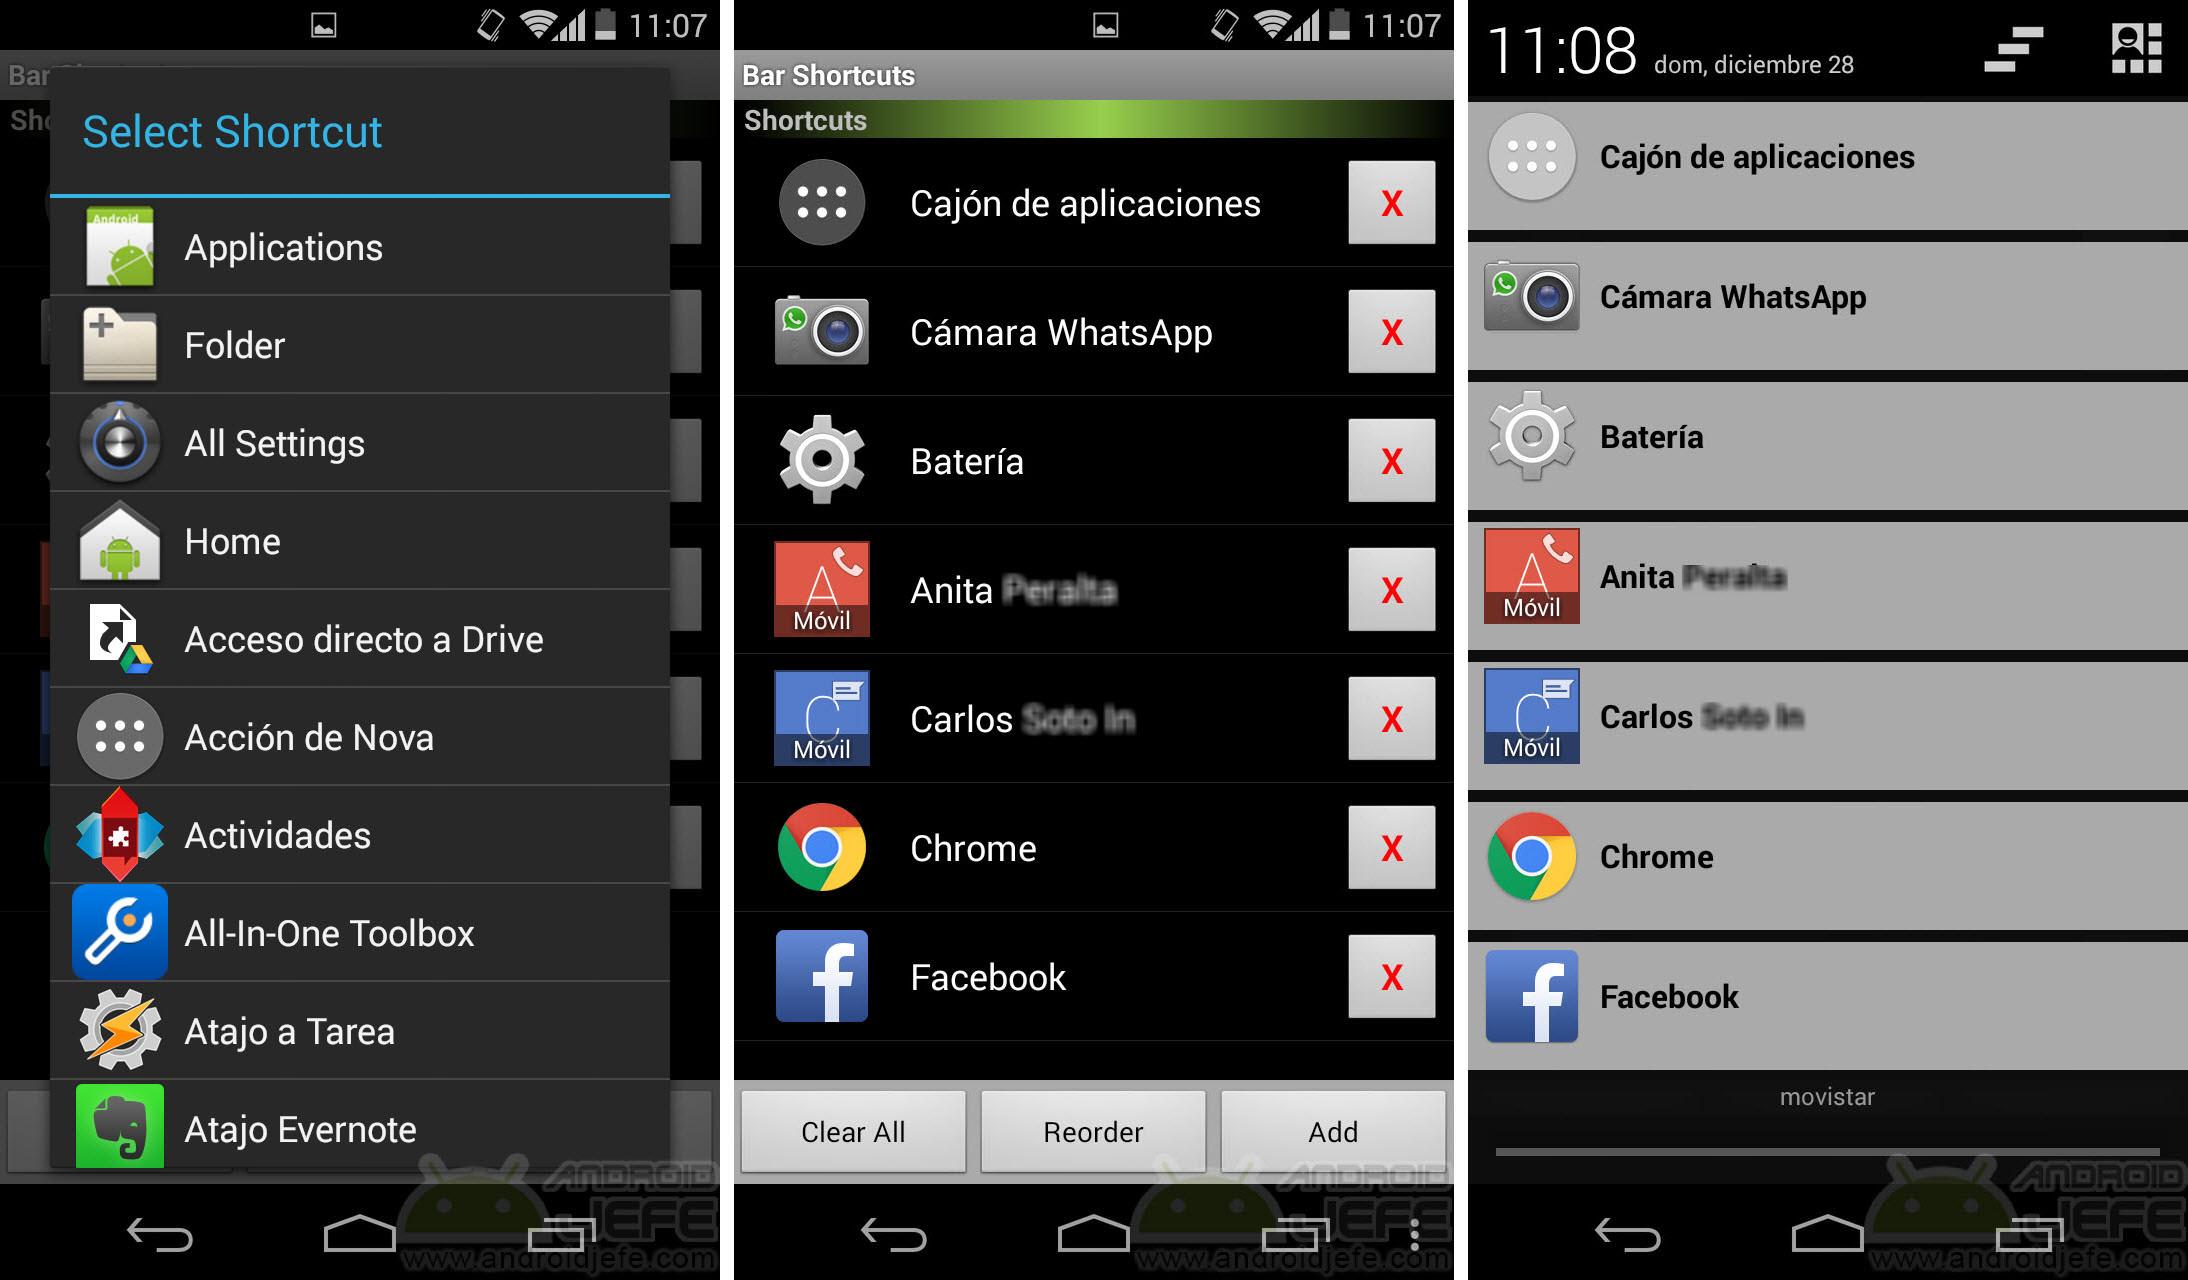 Poner Iconos De Aplicaciones En Barra De Estado Android Jefe